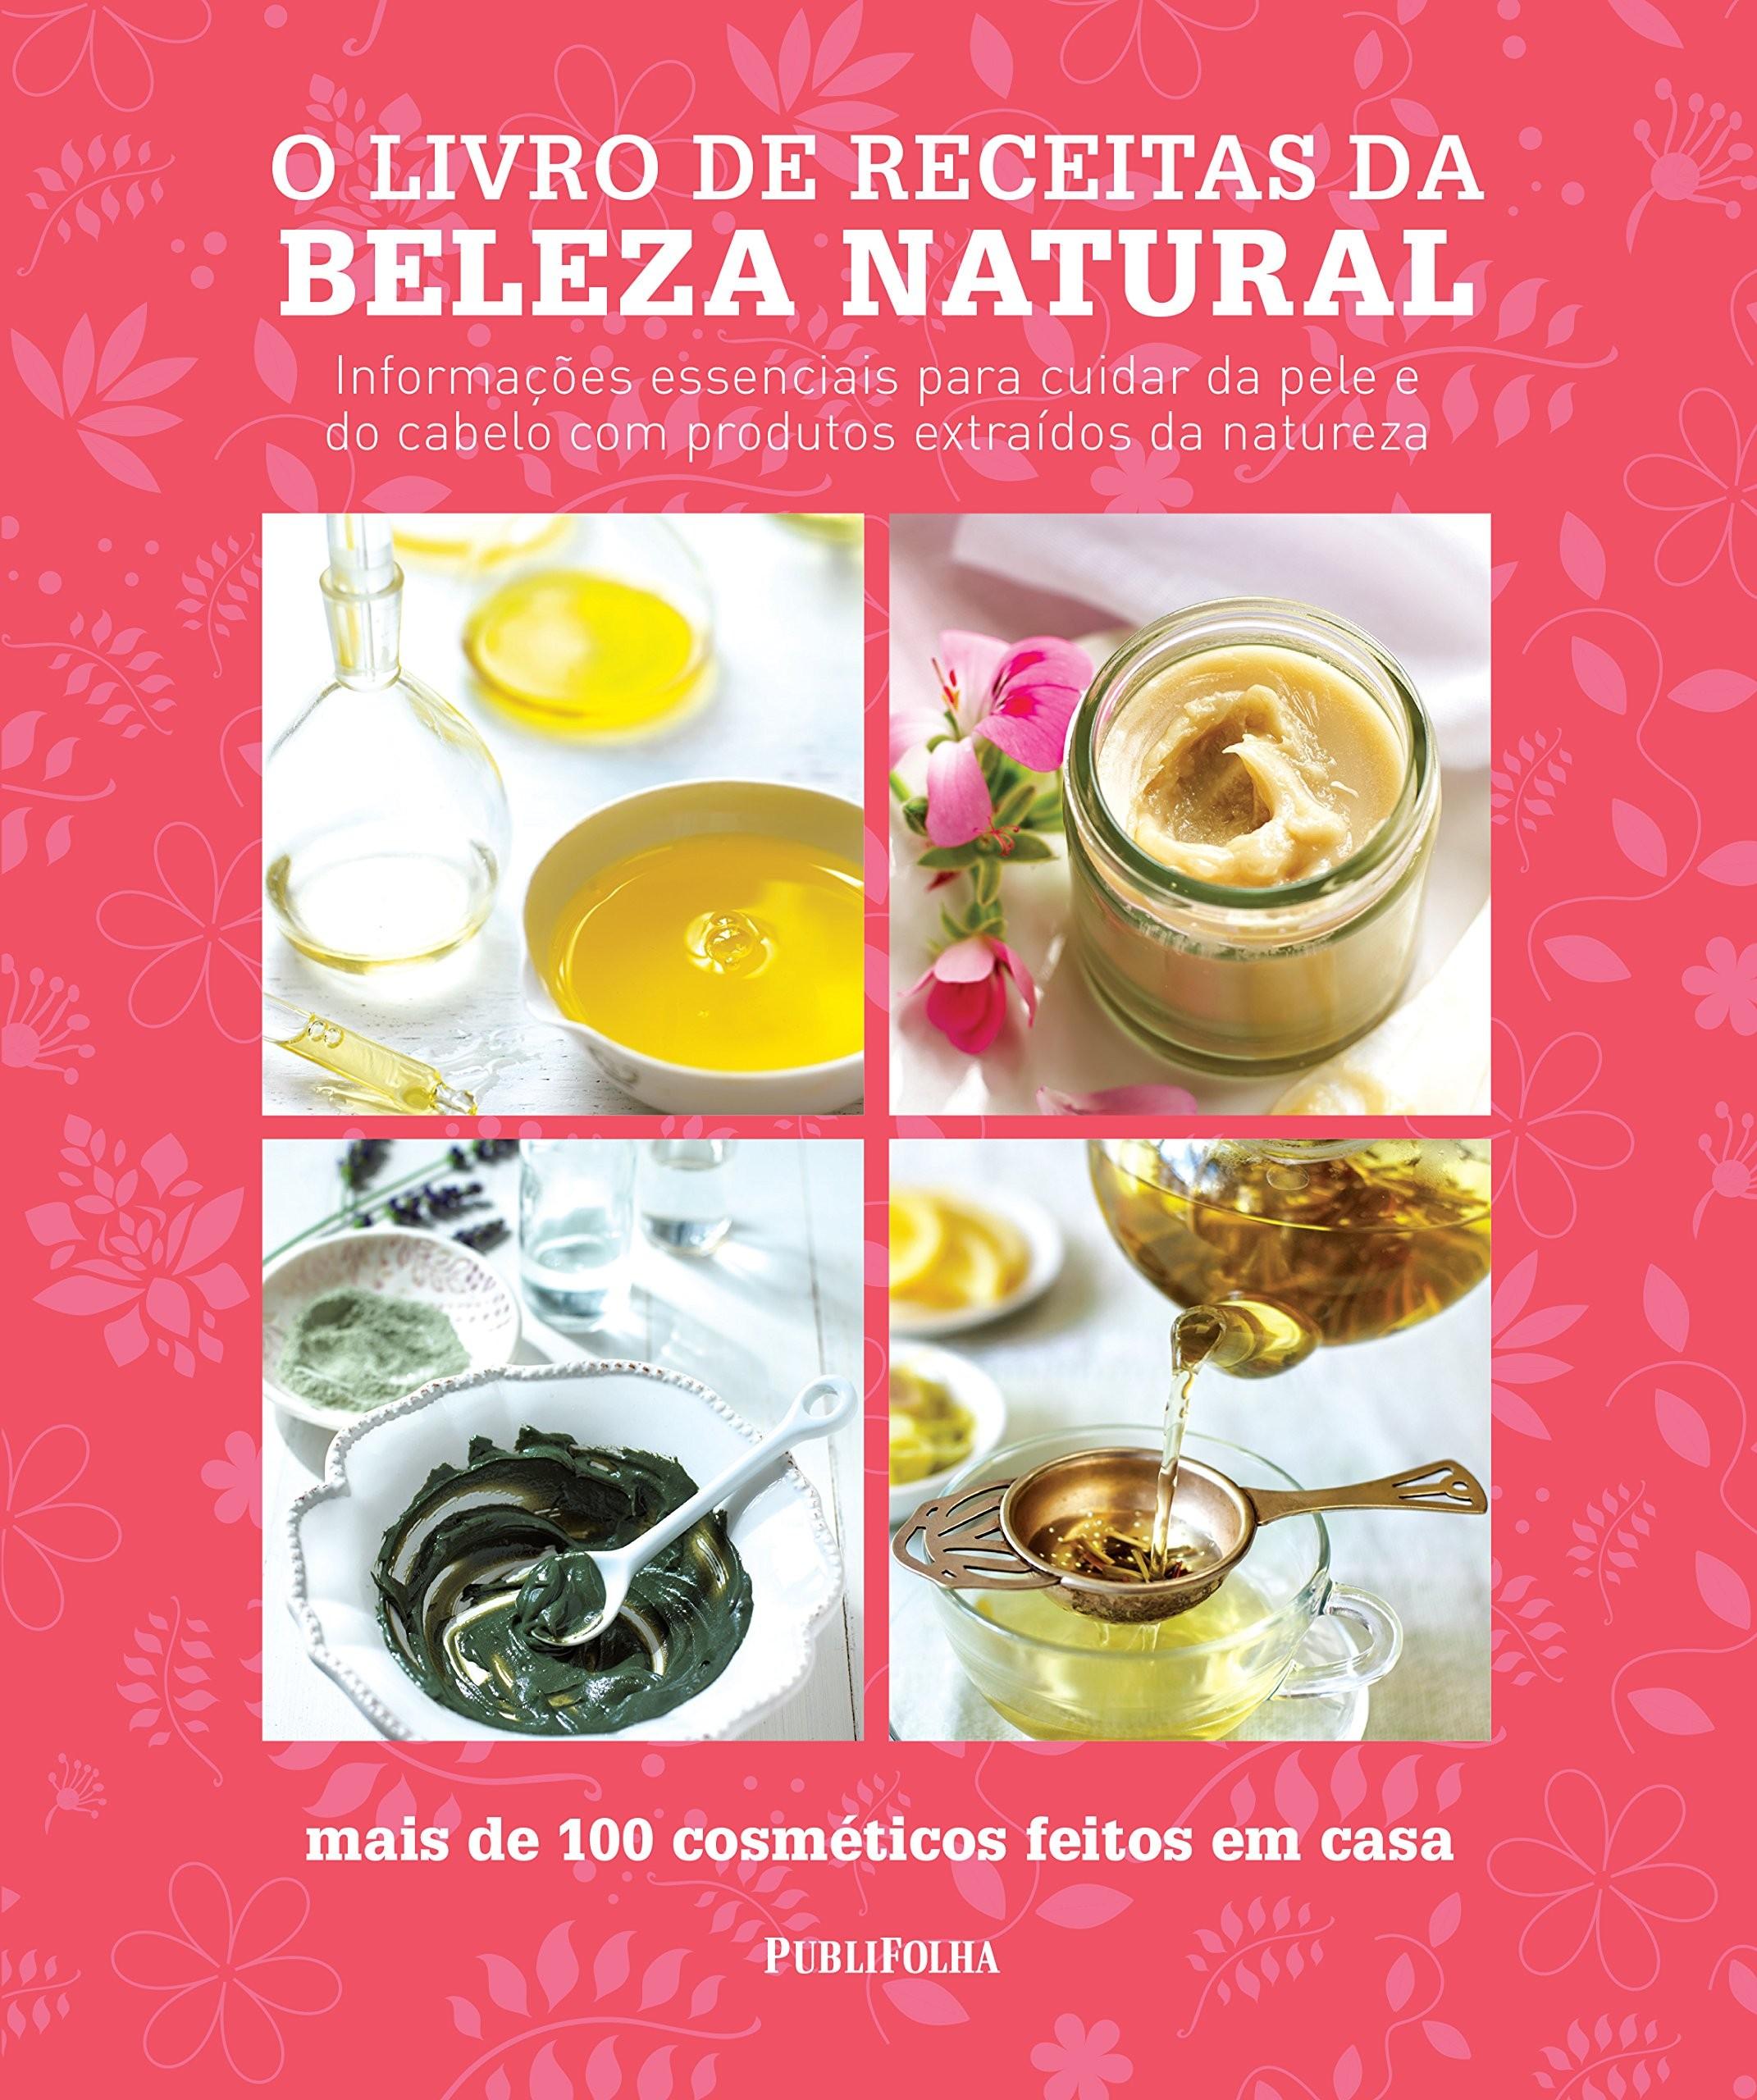 O Livro de Receitas da Beleza Natural R$ 71,18 (Foto: Reprodução)